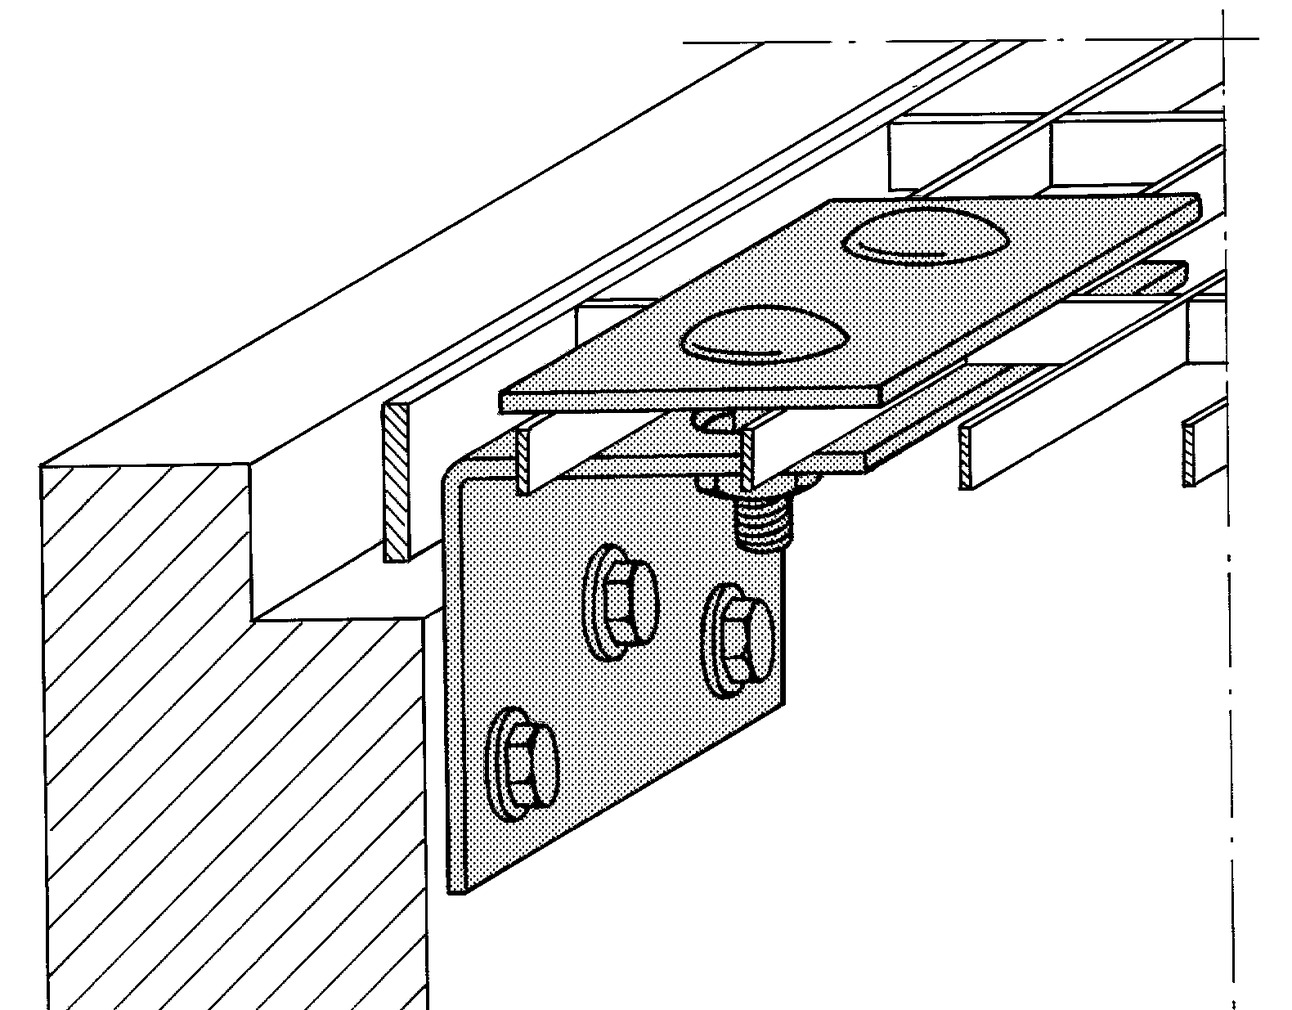 Gitterrost-Sicherungen GLUTZ 9103